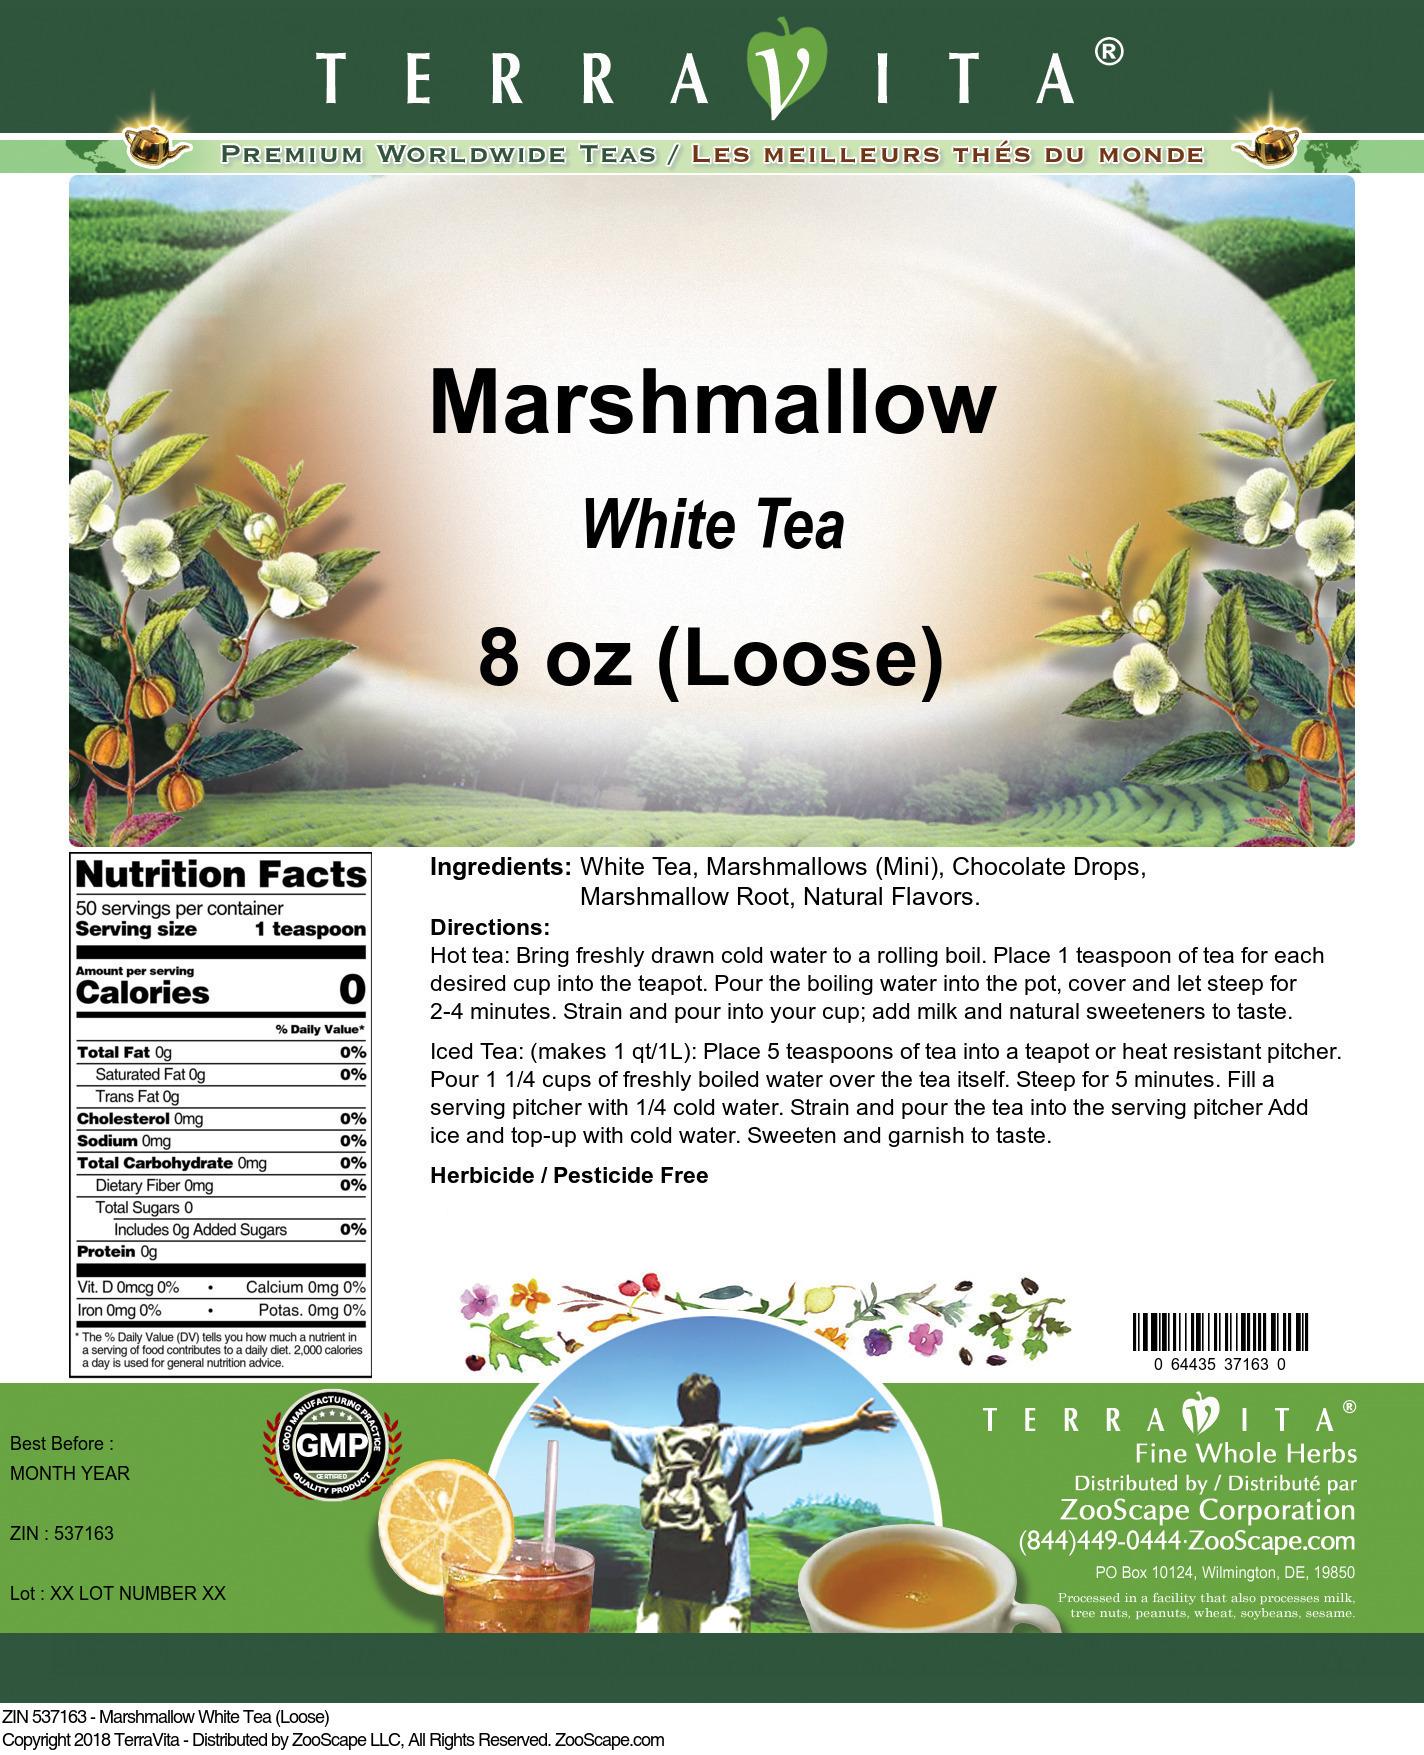 Marshmallow White Tea (Loose)